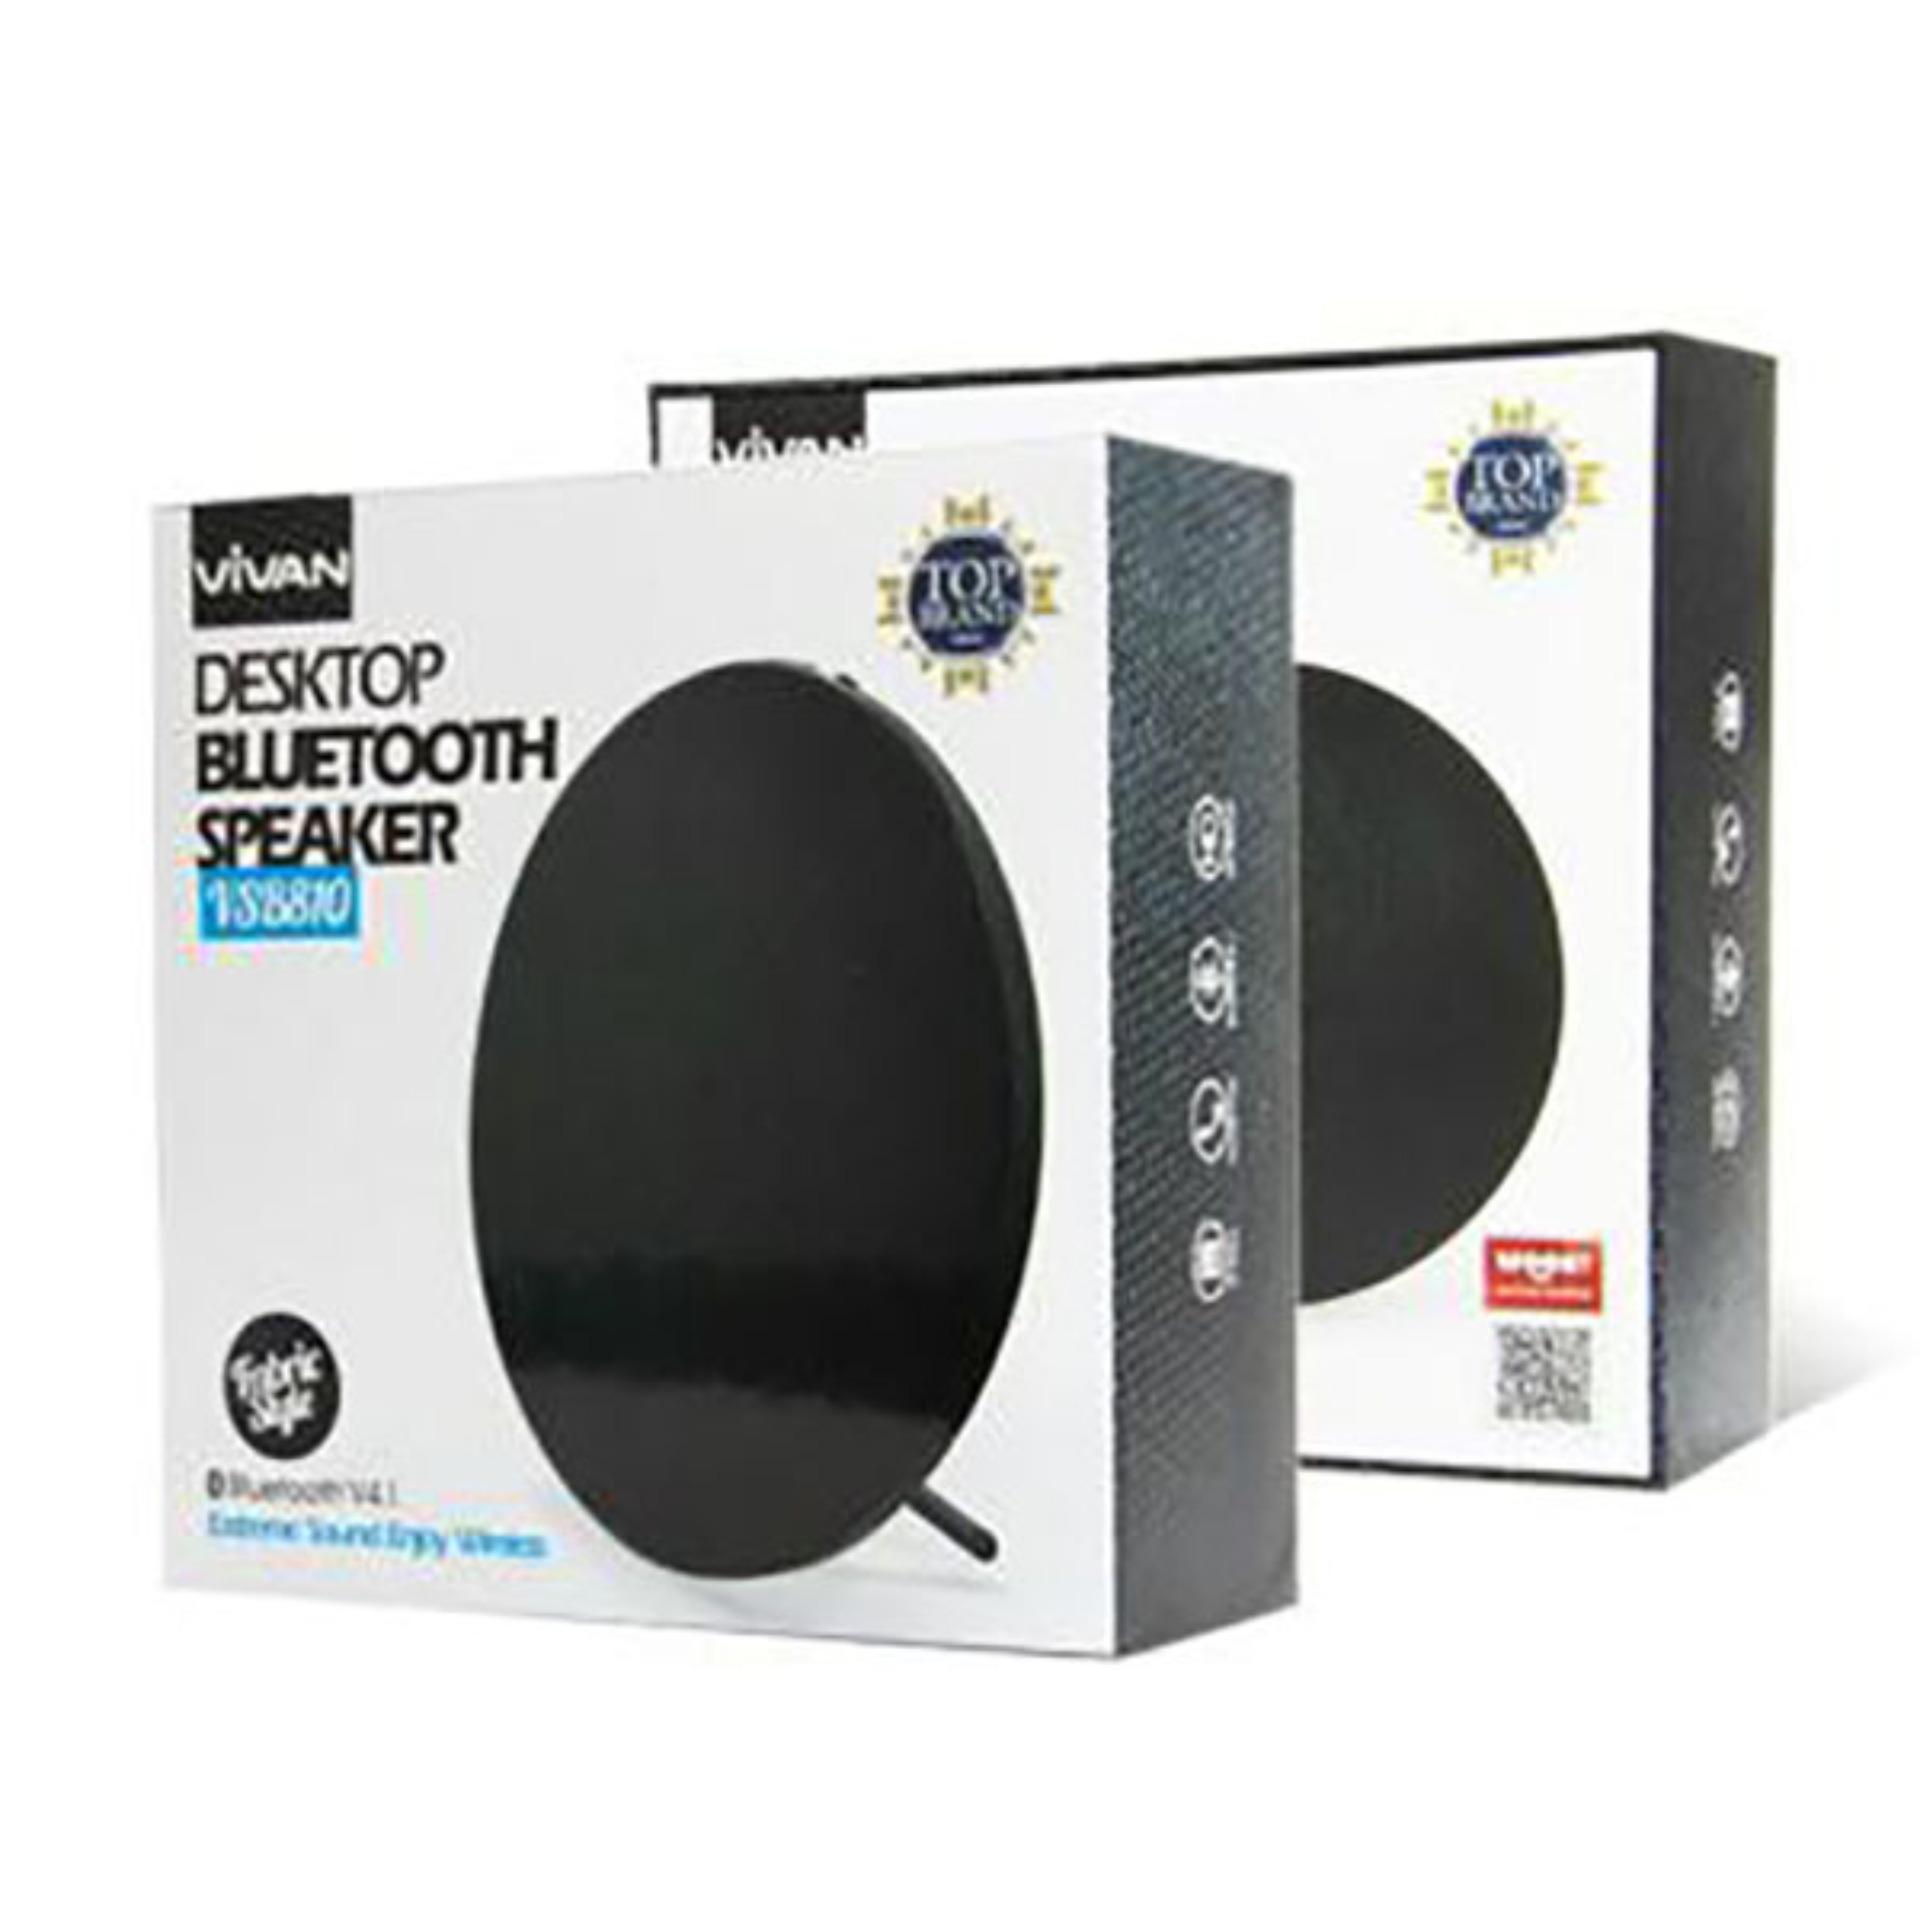 Vivan Speaker Portable Mini Bluetooth With Lamp Putih Update Robot Rb430 30 Square Hifi Black De032 Vsb810 Desktop V41 Hitam